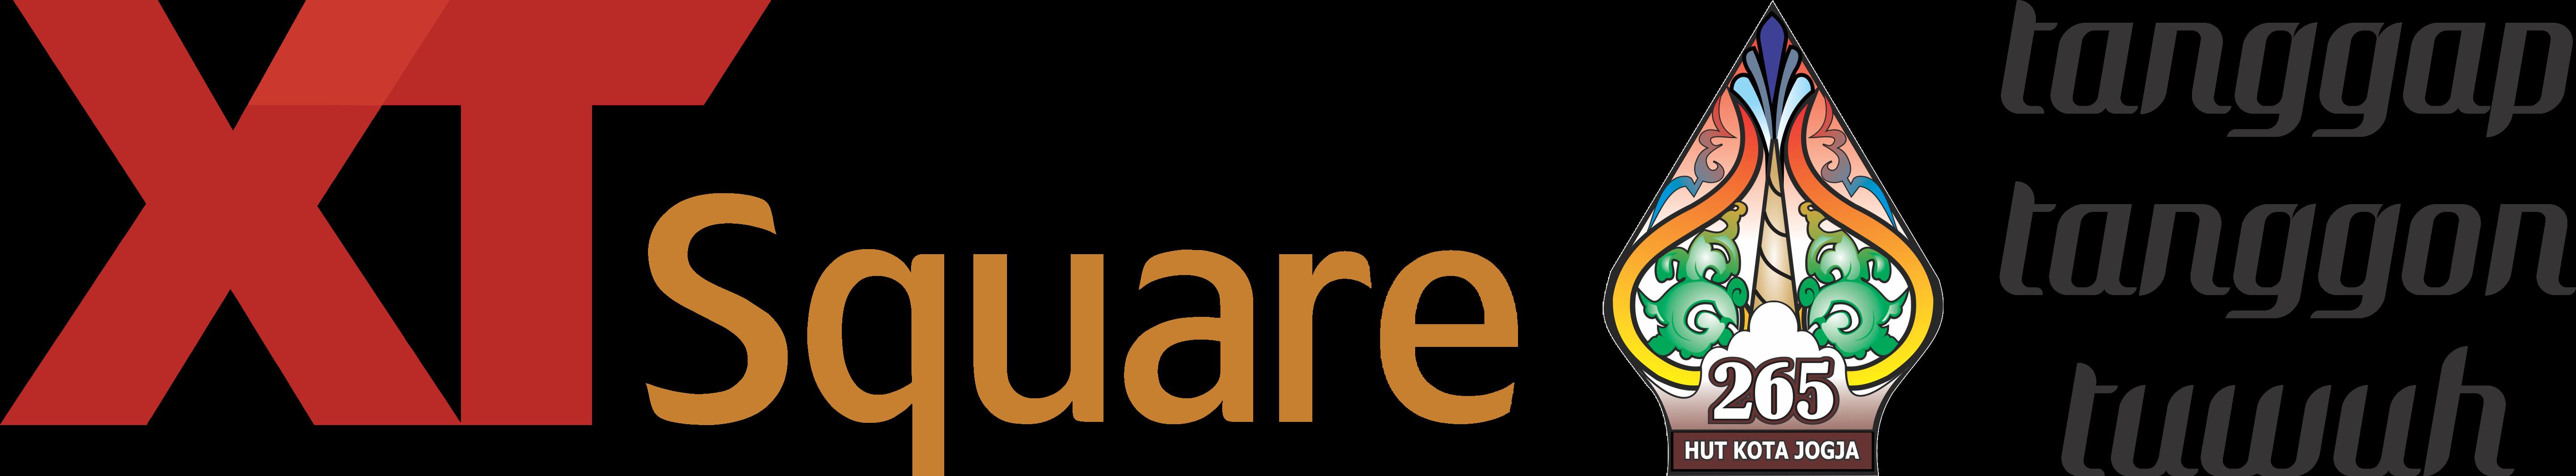 XT Square Jogja